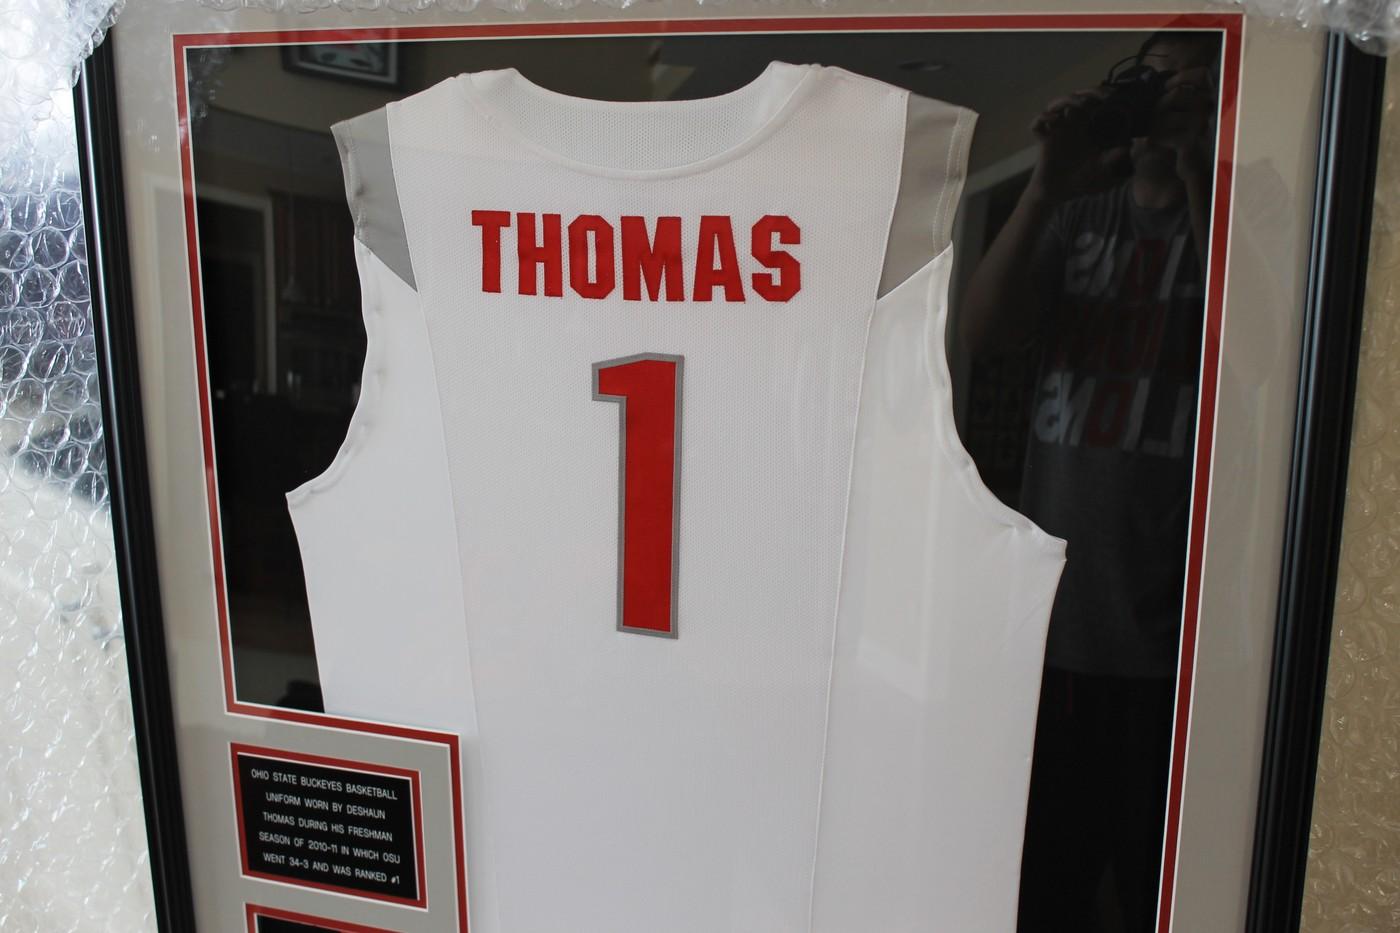 346e215fdf9 Deshaun Thomas 2010-11 Freshman Game Worn Ohio State Basketball Jersey |  Collectionzz